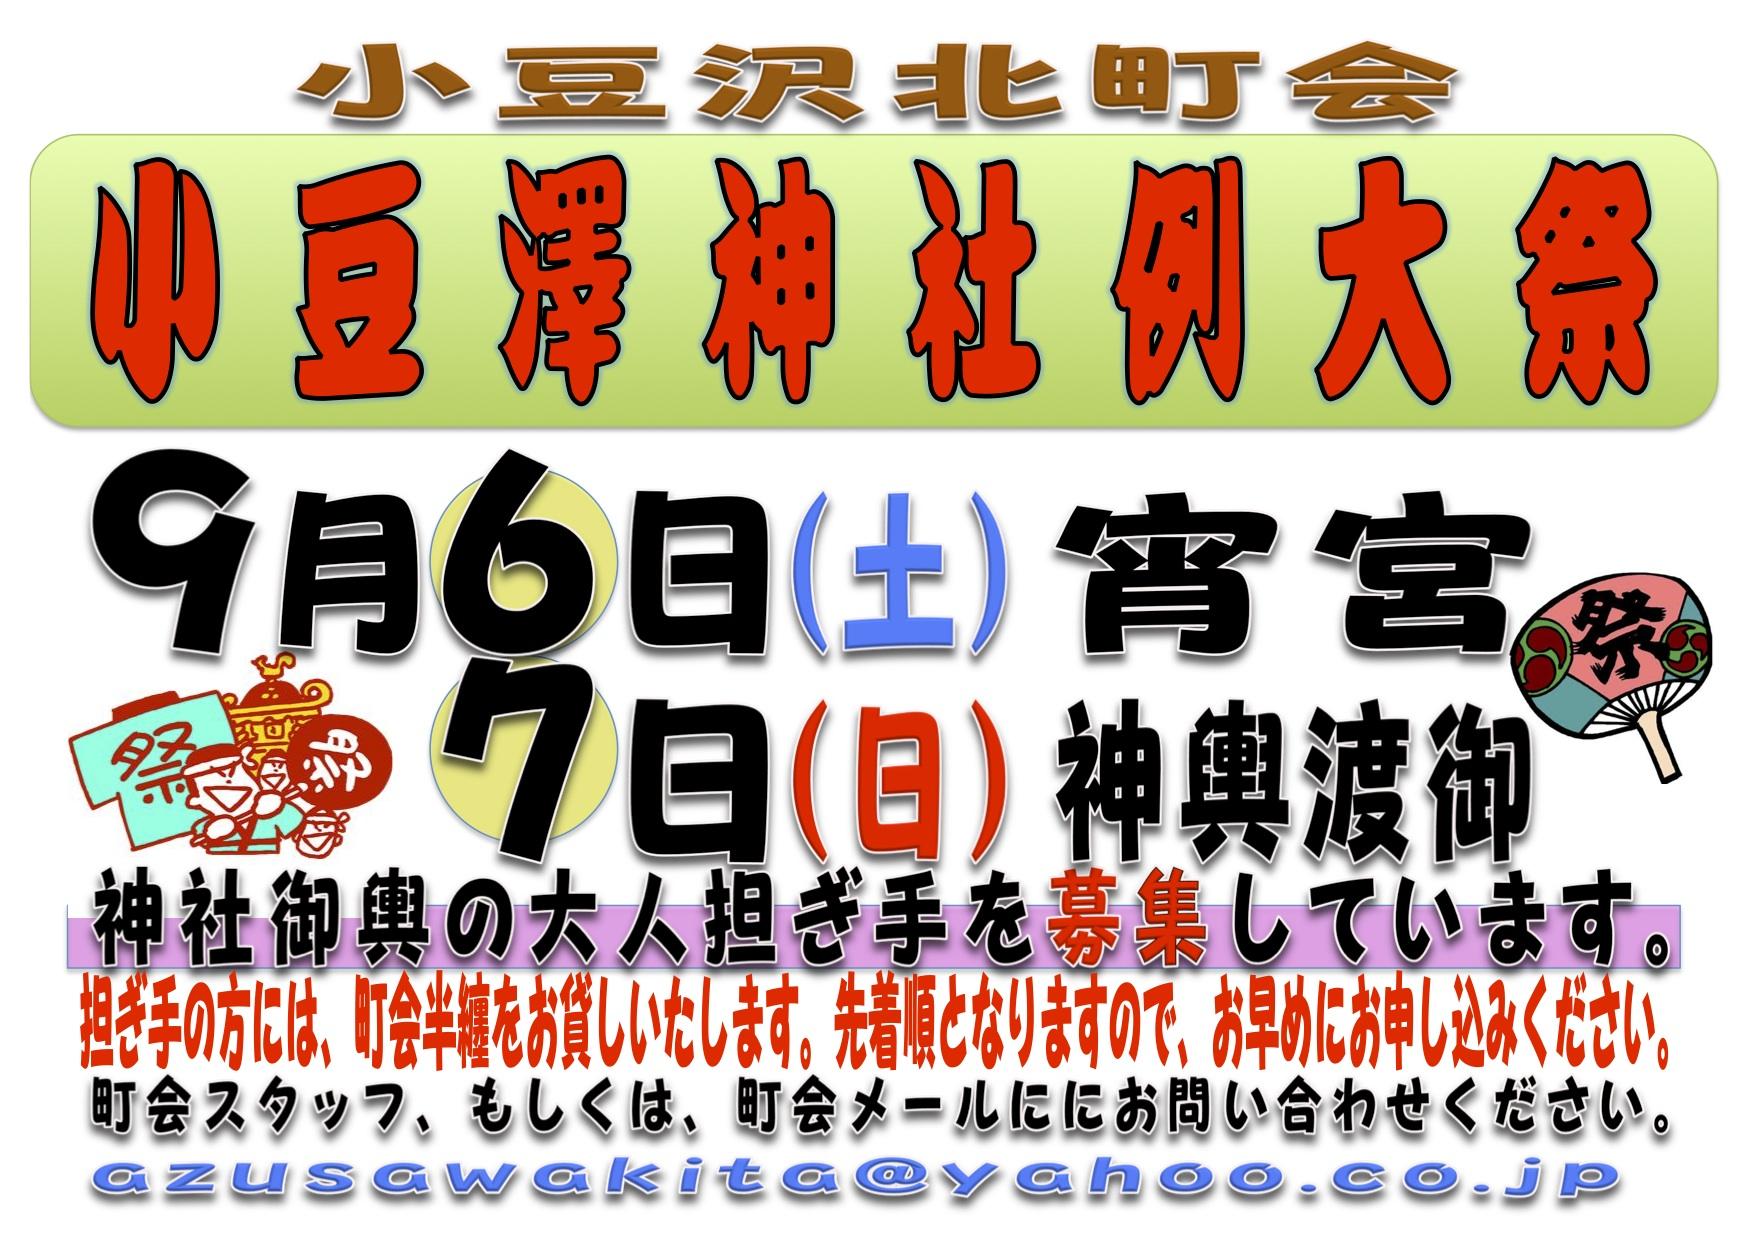 2014年小豆澤神社例大祭神輿渡御募集ポスター